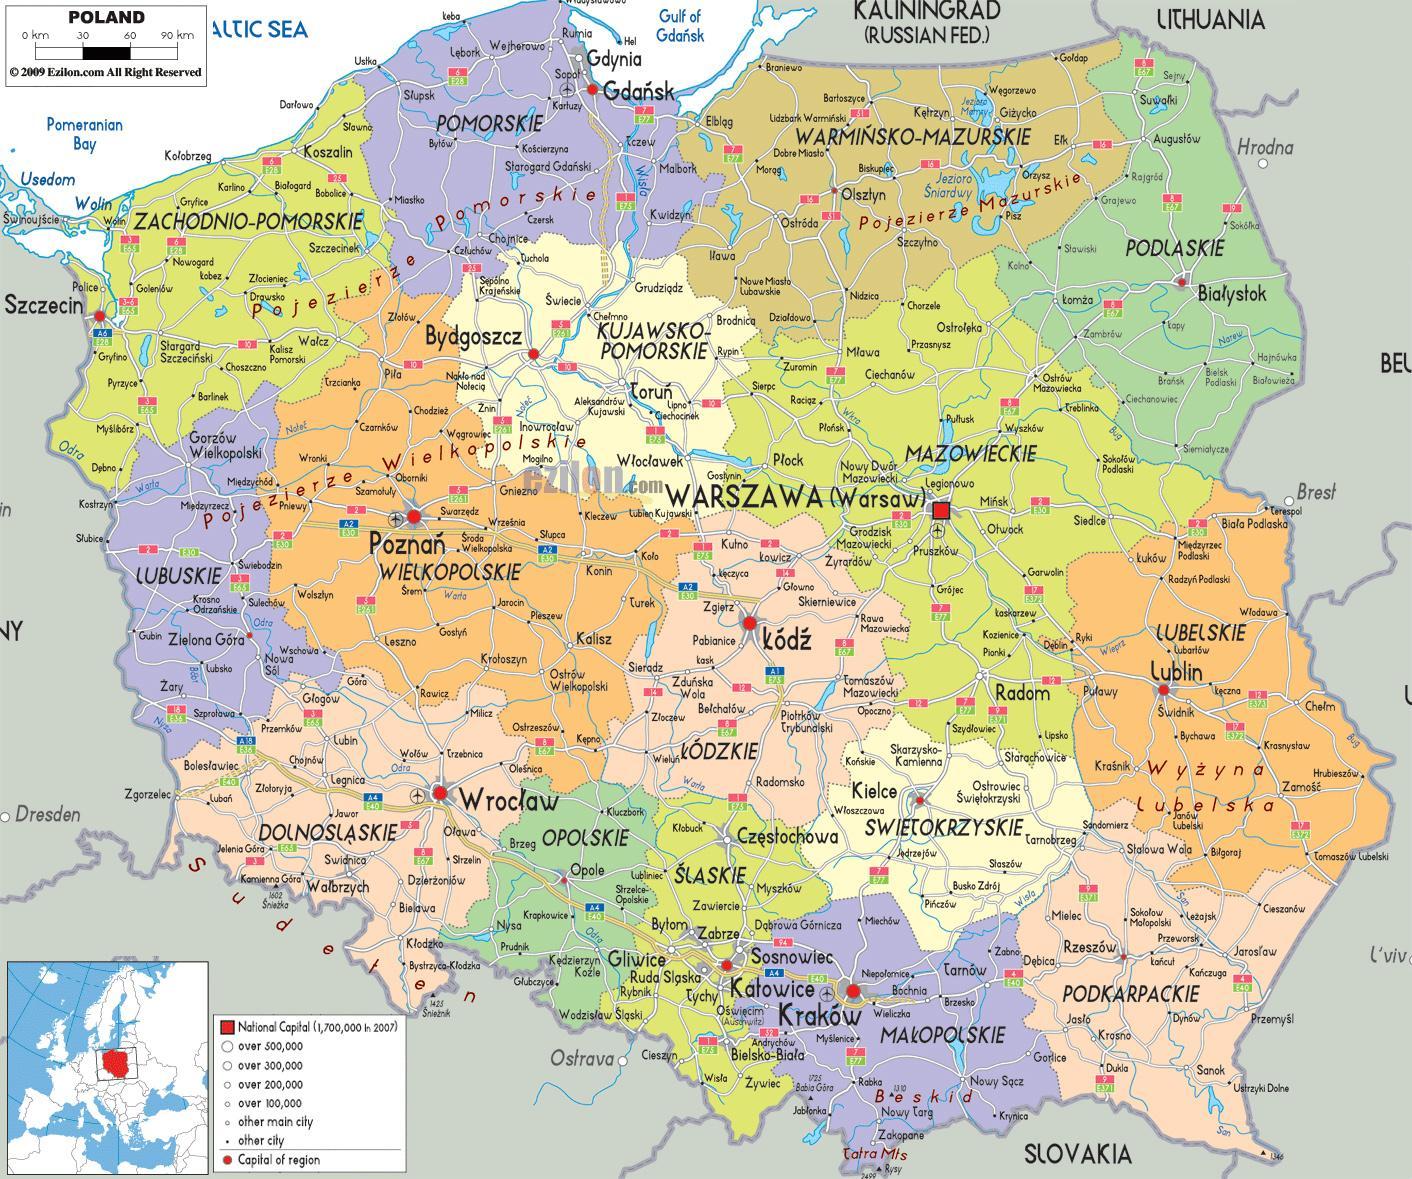 kart over polen Kart over Polen med byer   Kart over Polen med byer (Øst Europa  kart over polen